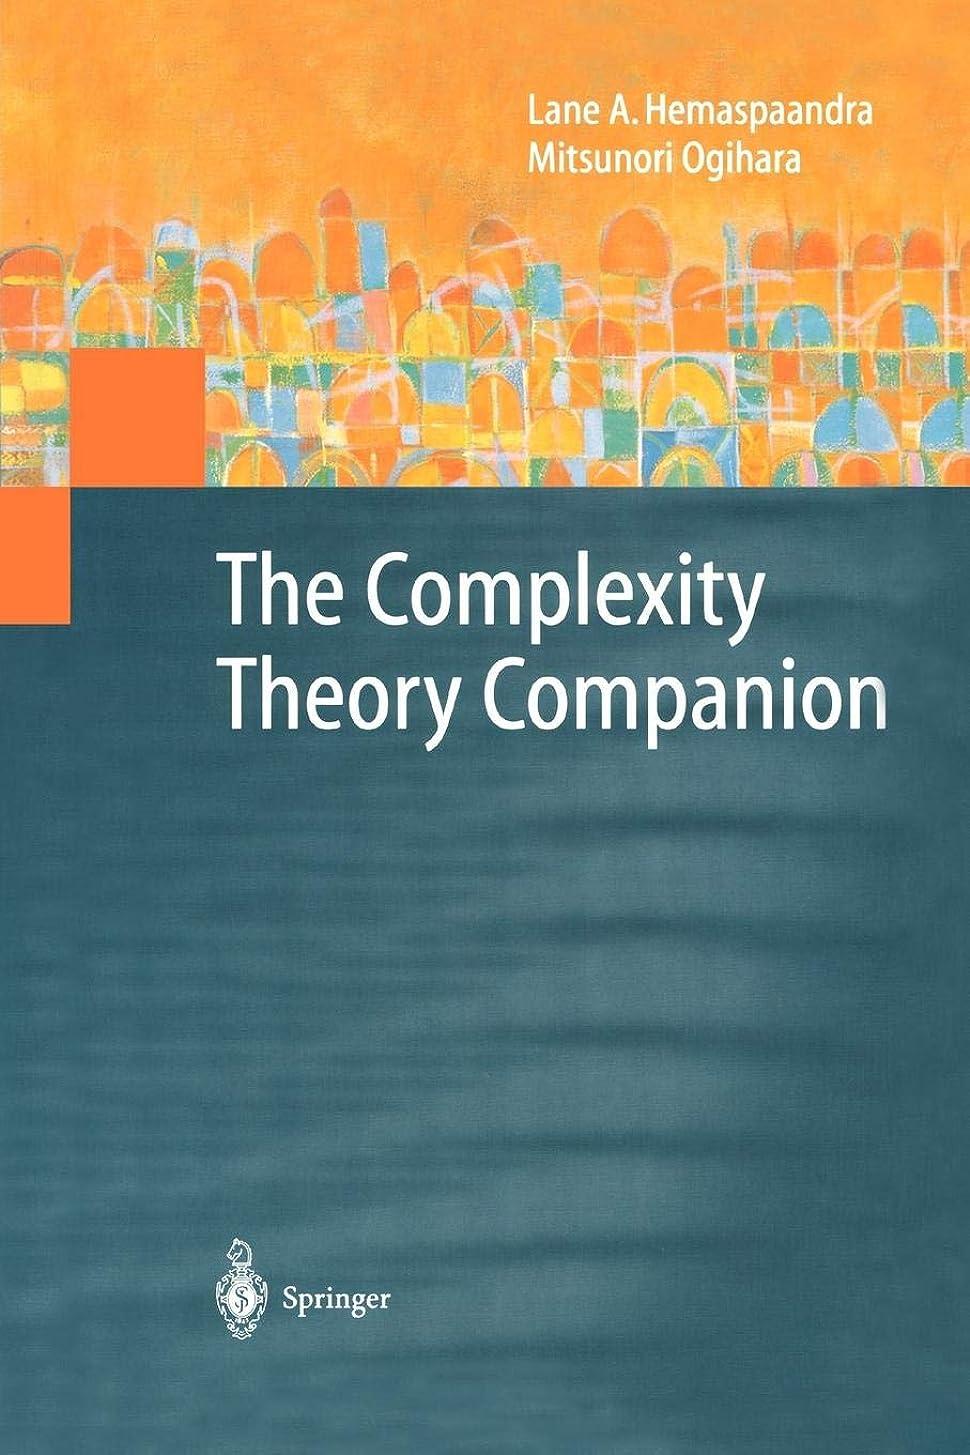 所有権脱走ピットThe Complexity Theory Companion (Texts in Theoretical Computer Science. An EATCS Series)